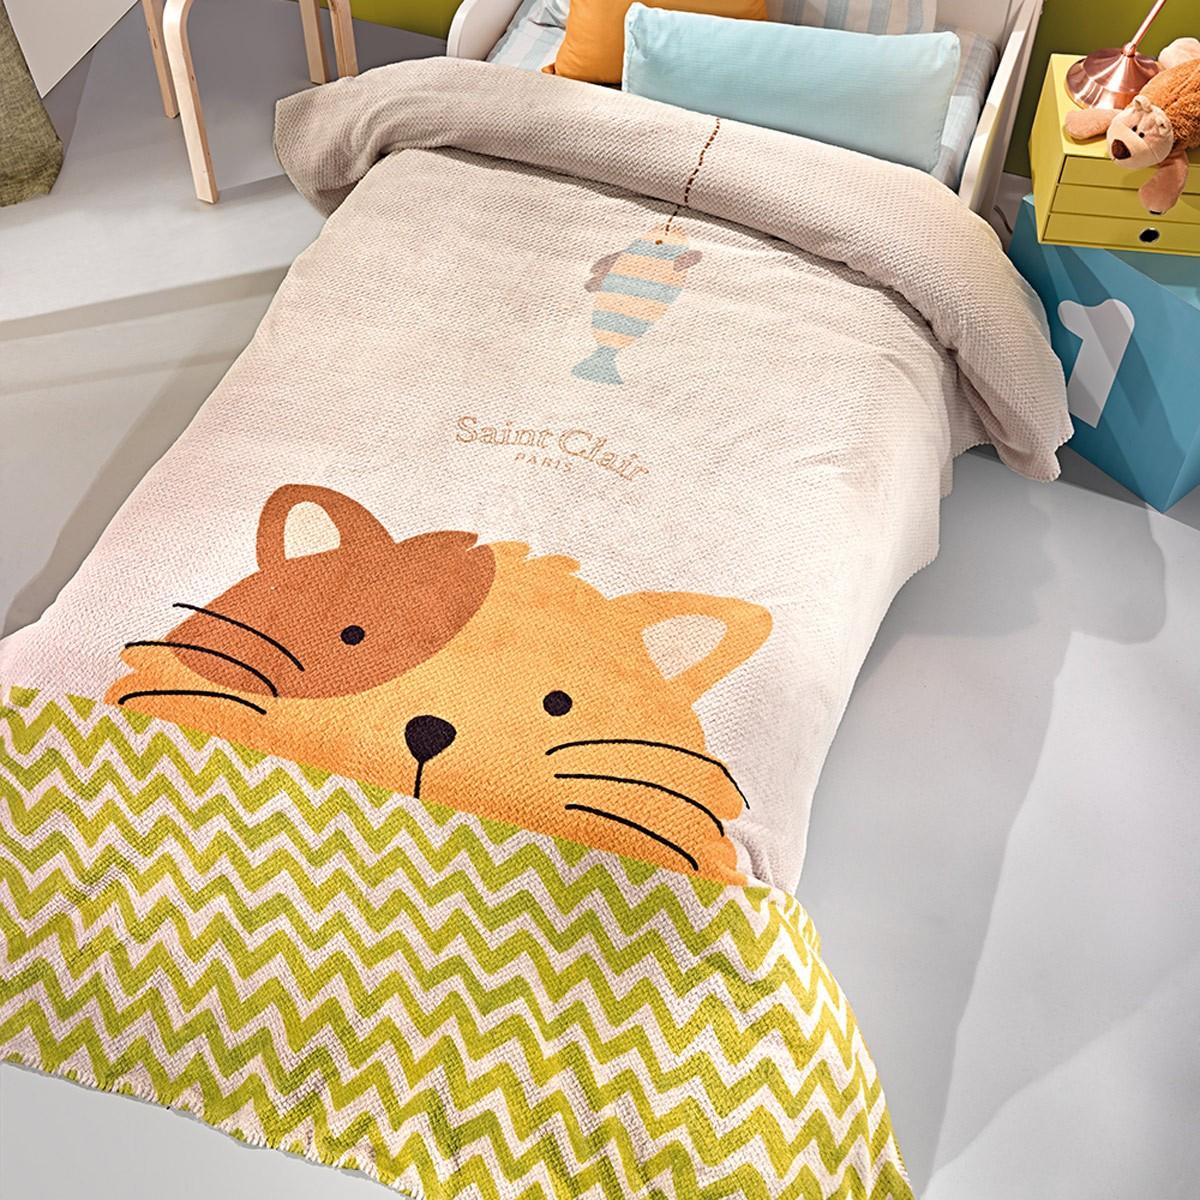 Κουβέρτα Fleece Μονή Saint Clair Ultra Soft Idea 59964